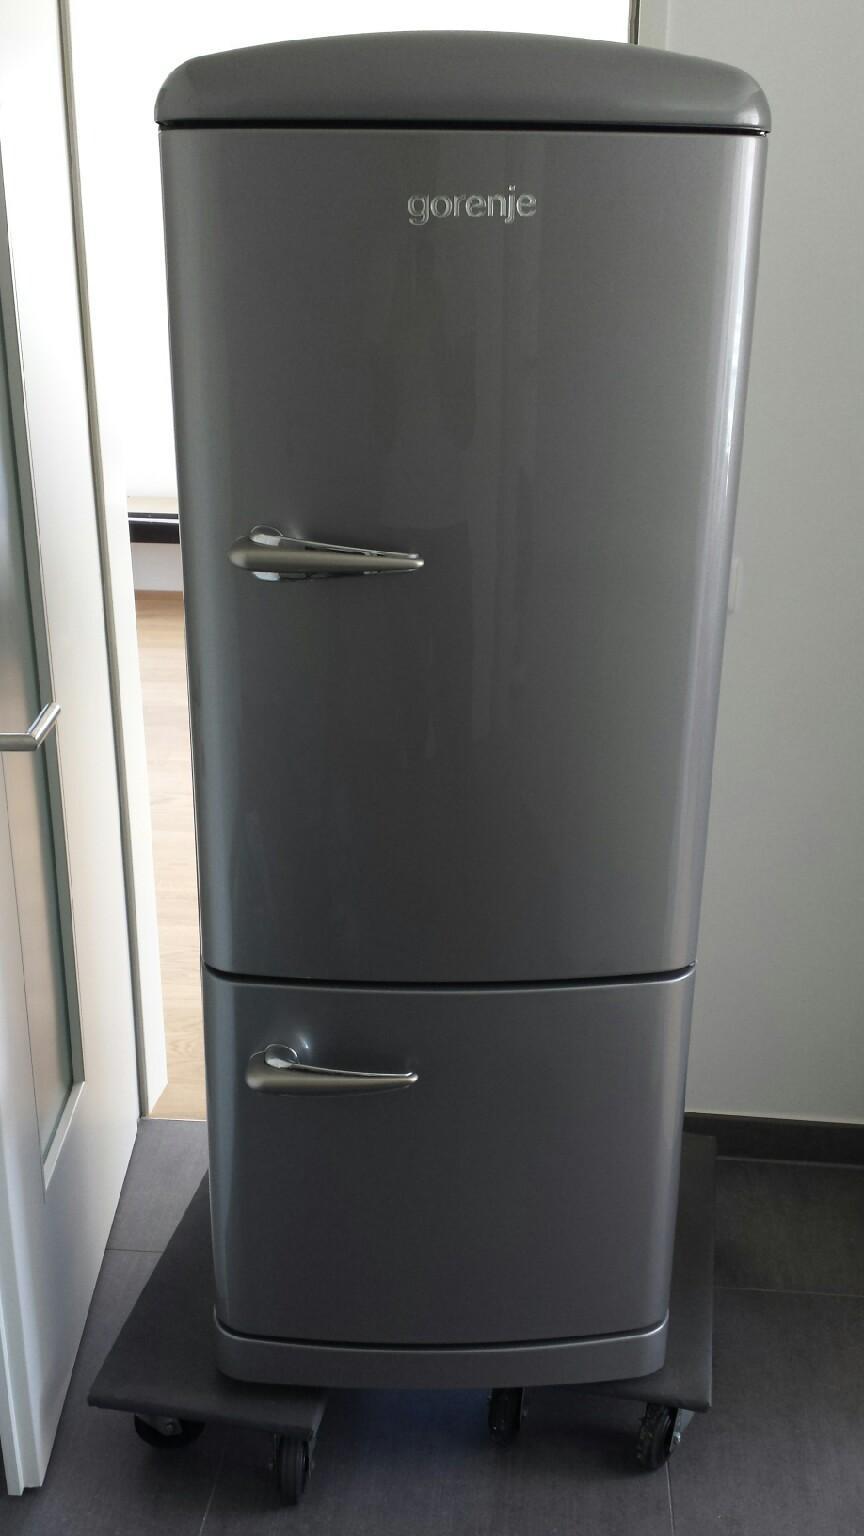 Gorenje Kühlschrank Typenschild : Gebraucht gorenje design kühlschrank in linz um u ac u shpock